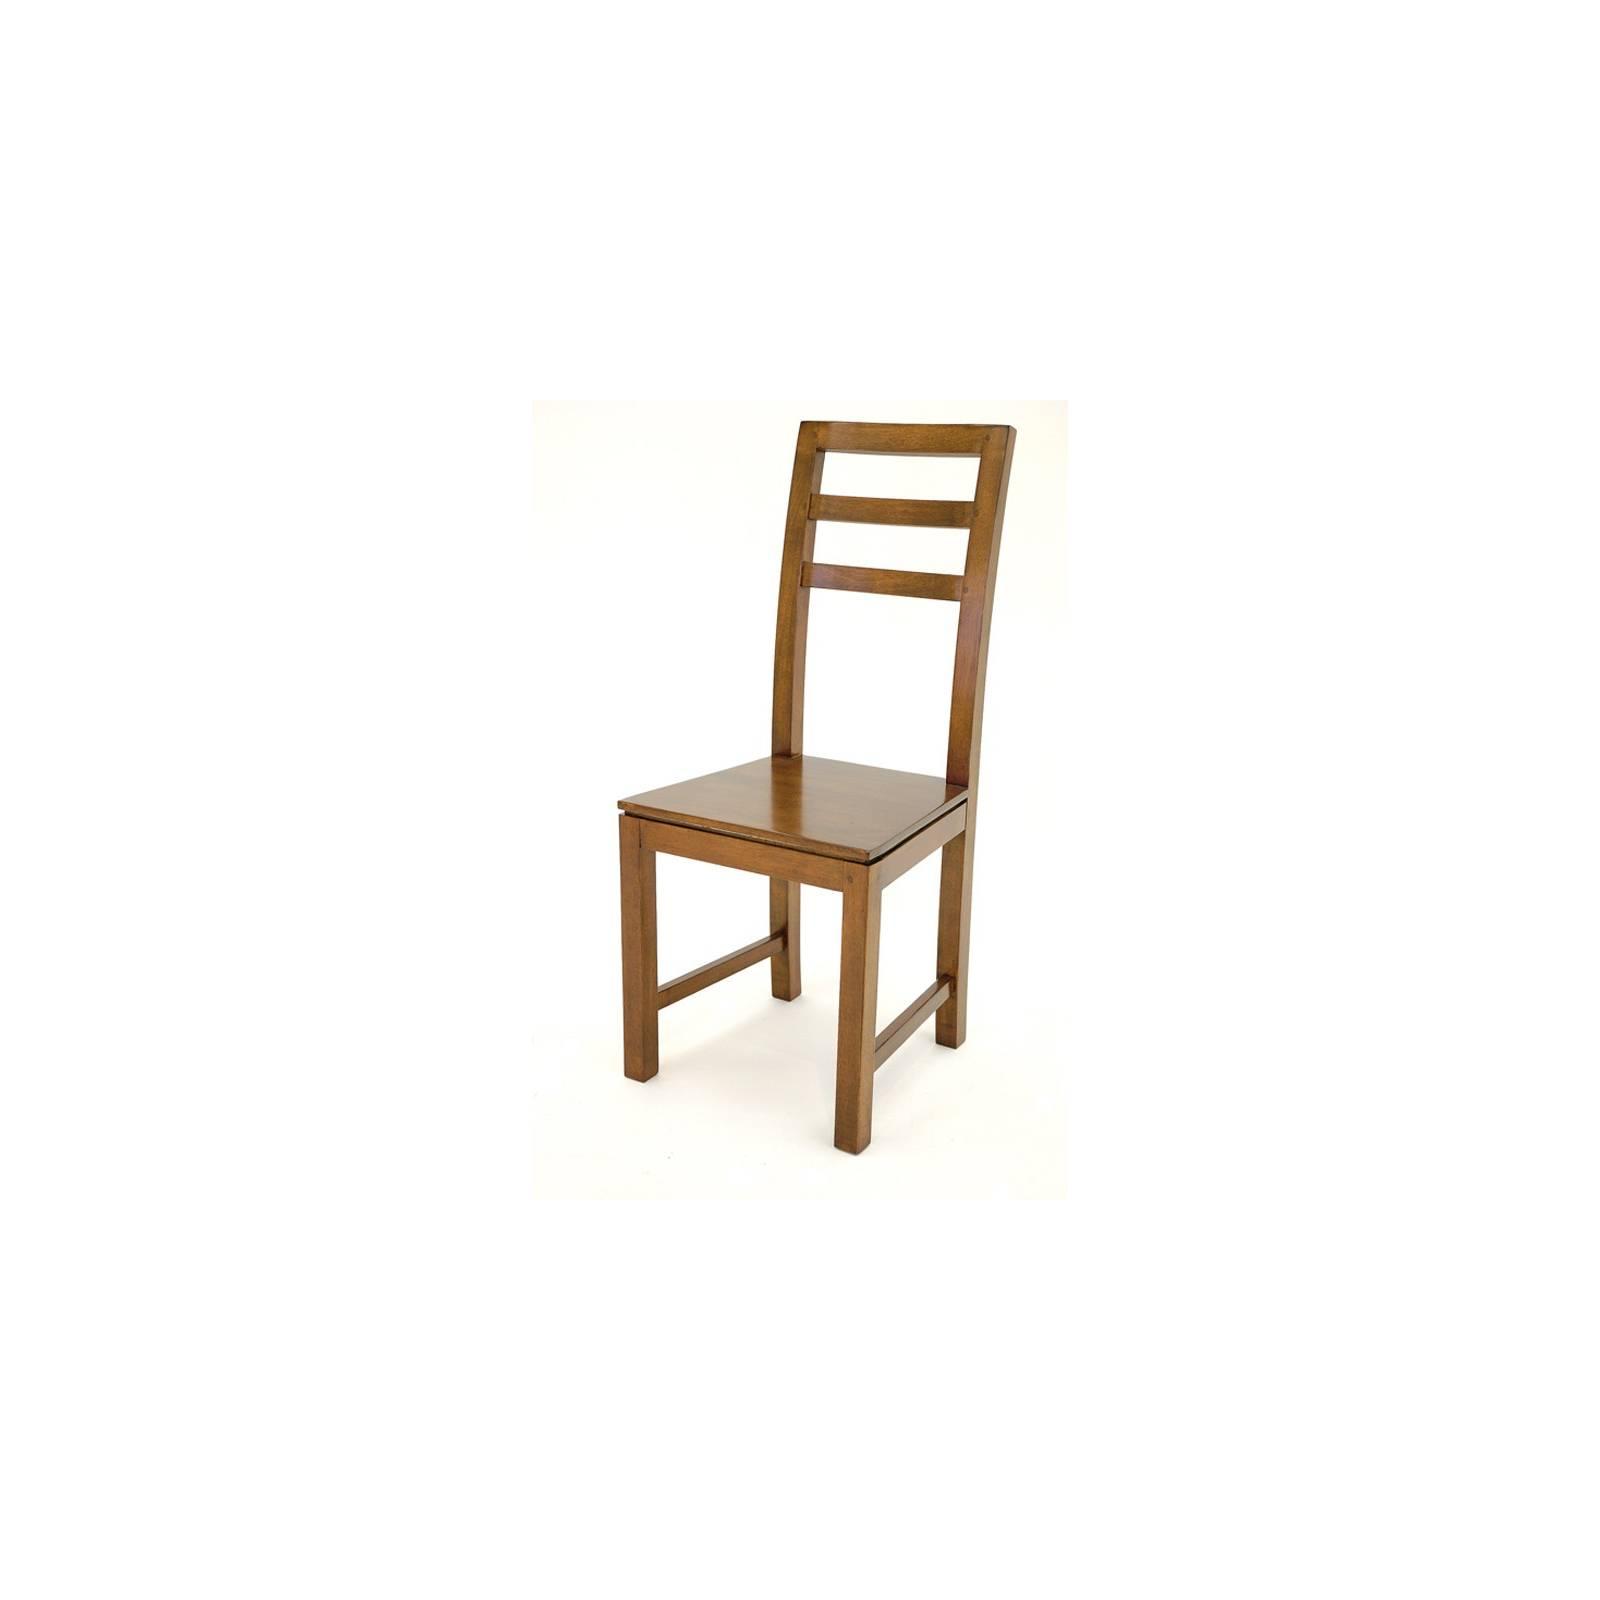 Chaise Omega Hévéa - meuble style design